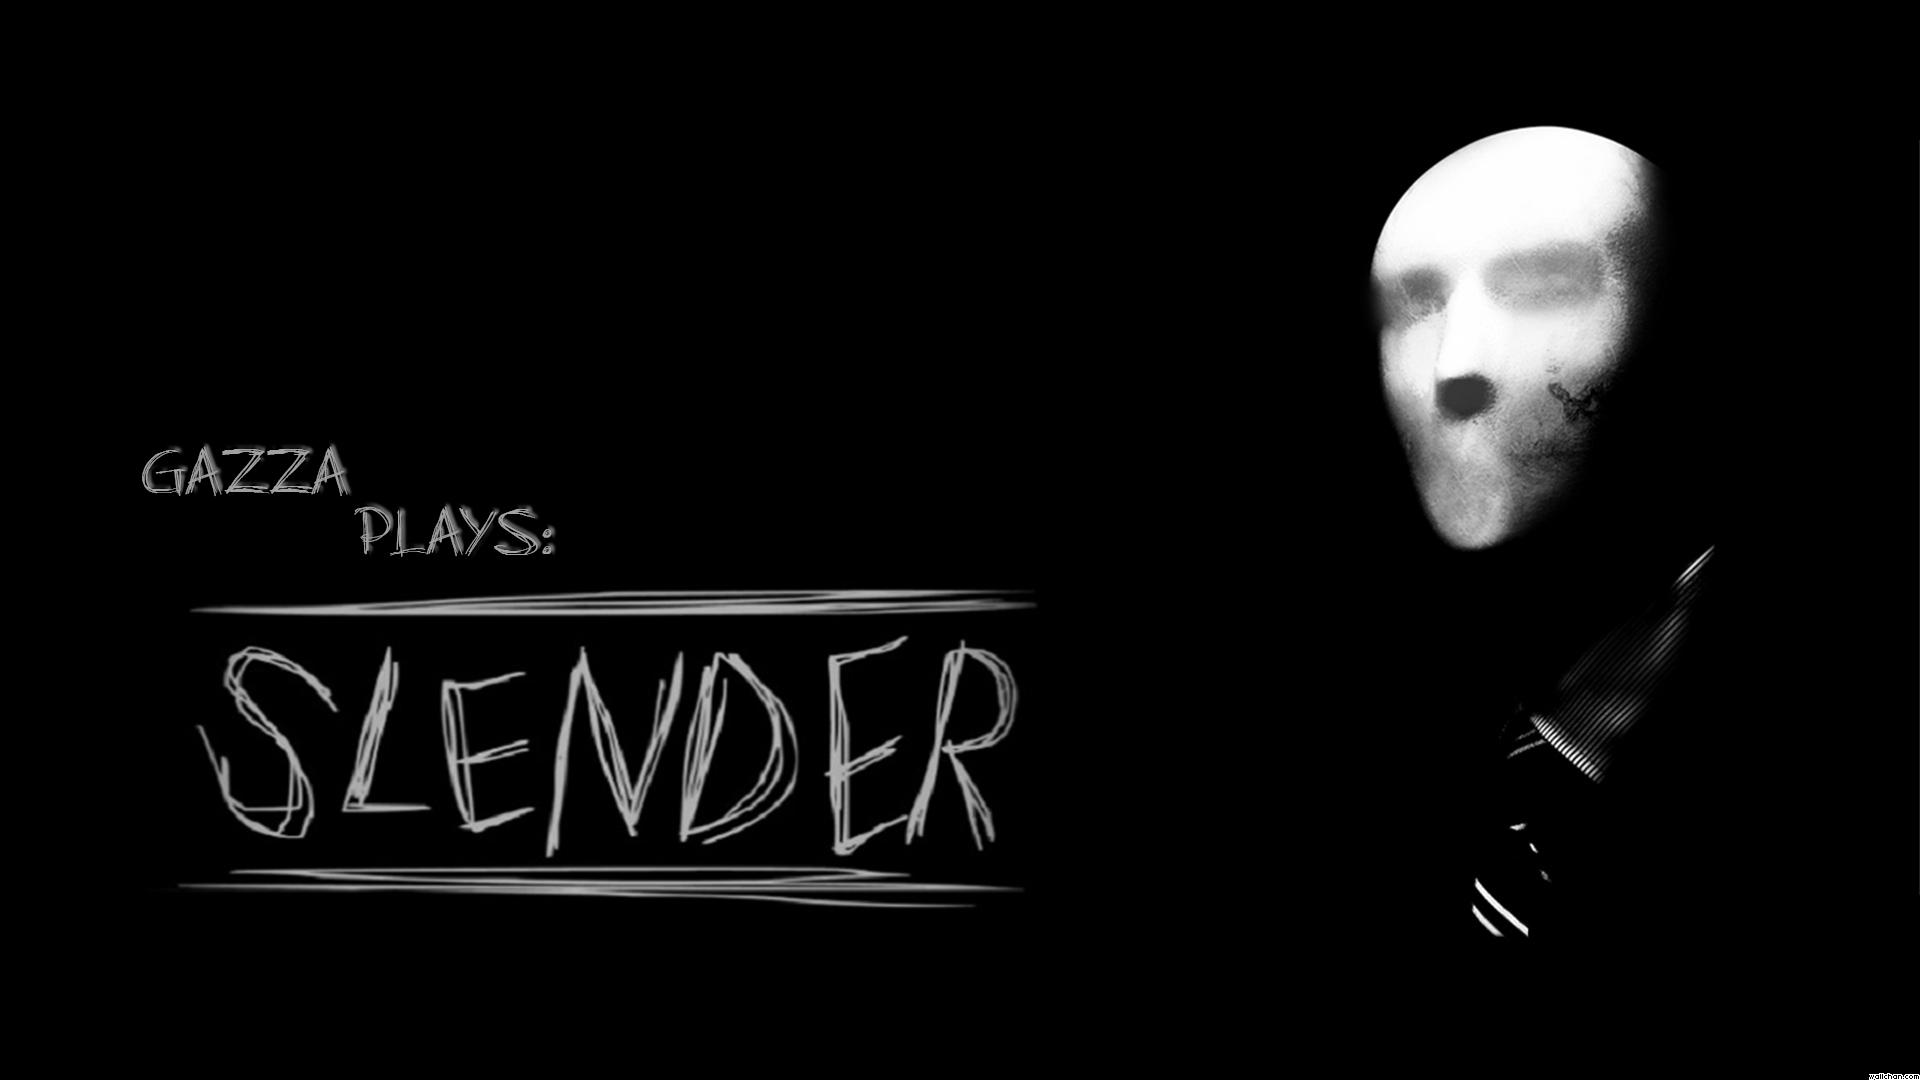 Slender хорошия игра многим нравится начинаеш простым гироим за эту икру надо сабрать 8 писем но слендр недаст вам с .... - Изображение 1